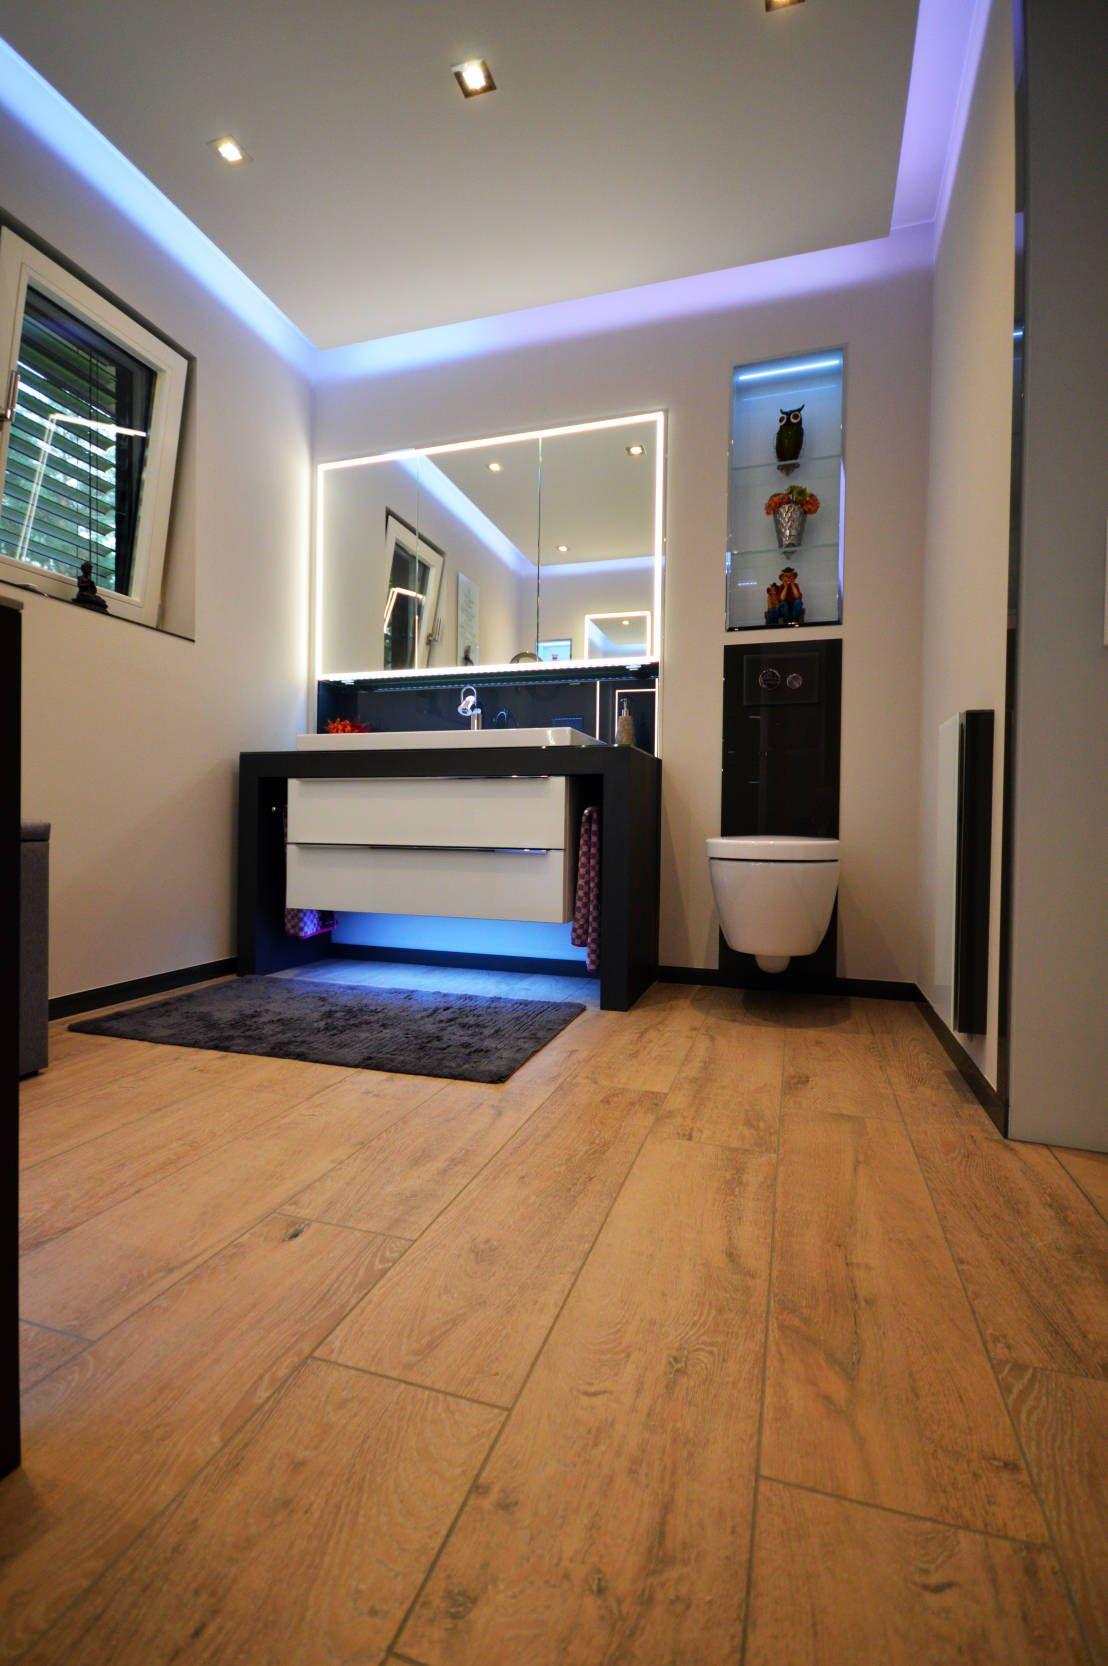 sch ne ideen f r ein modernes badezimmer badezimmer ideen und tipps pinterest badezimmer. Black Bedroom Furniture Sets. Home Design Ideas